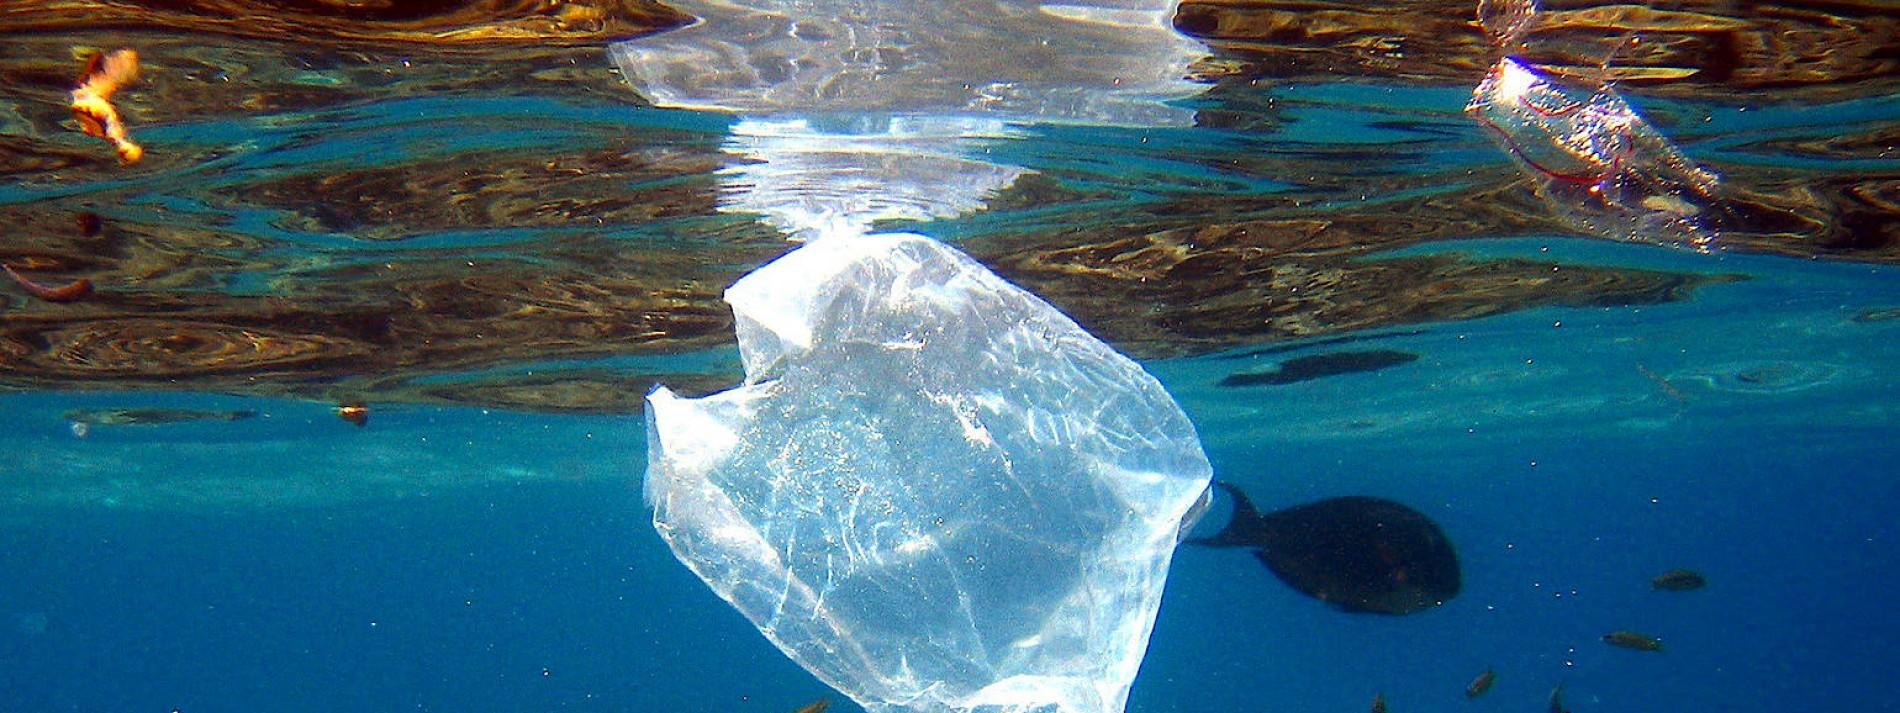 Wie Kunststoffe die Umwelt belasten